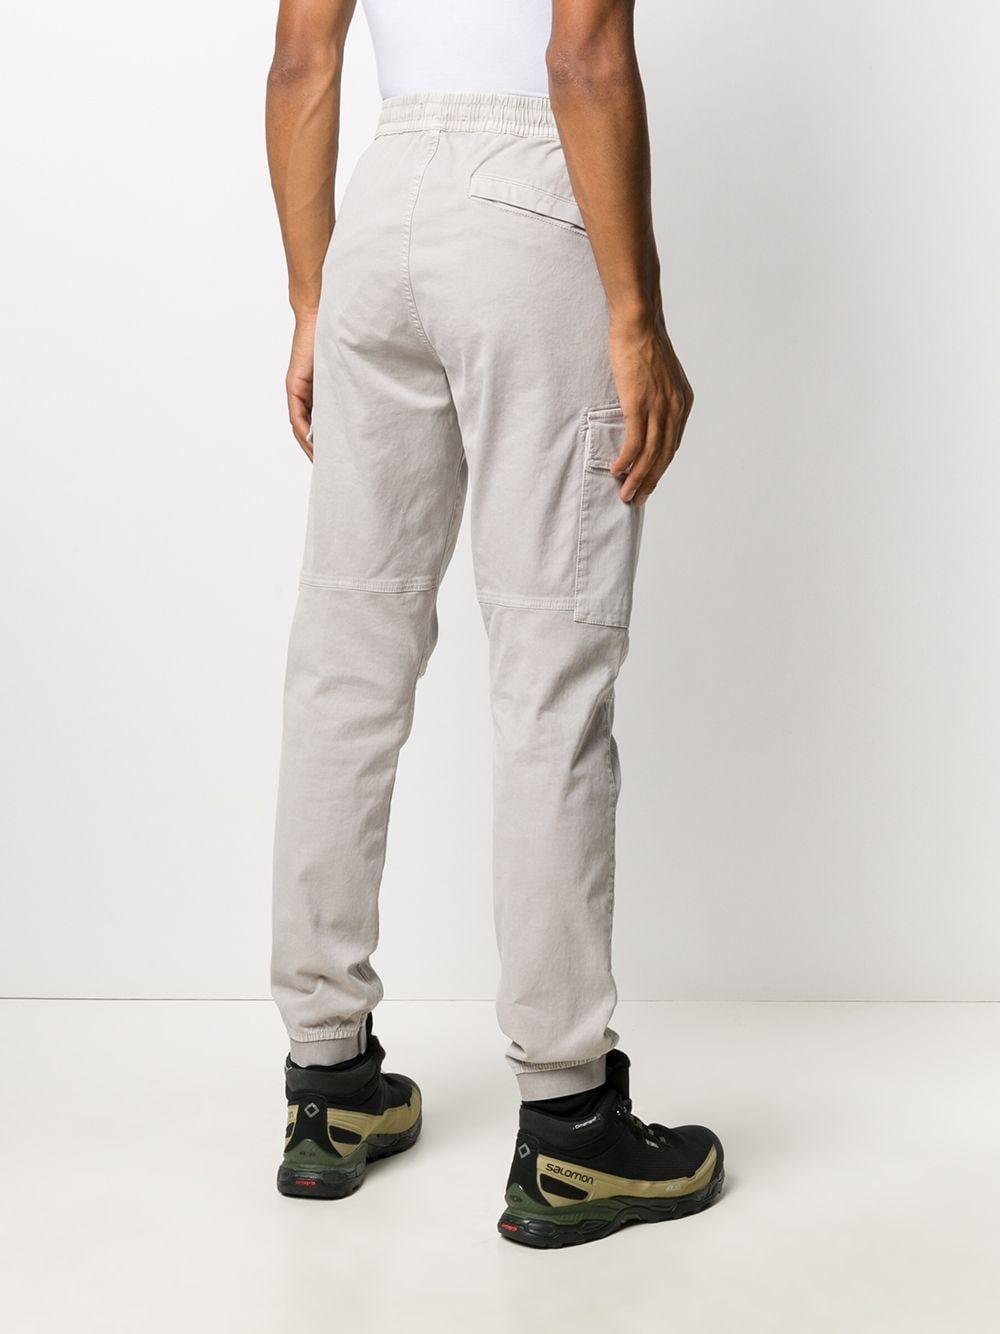 pantalone cargo colot tortora in twill cotone stretch STONE ISLAND | Pantaloni | 7315314L1V0192